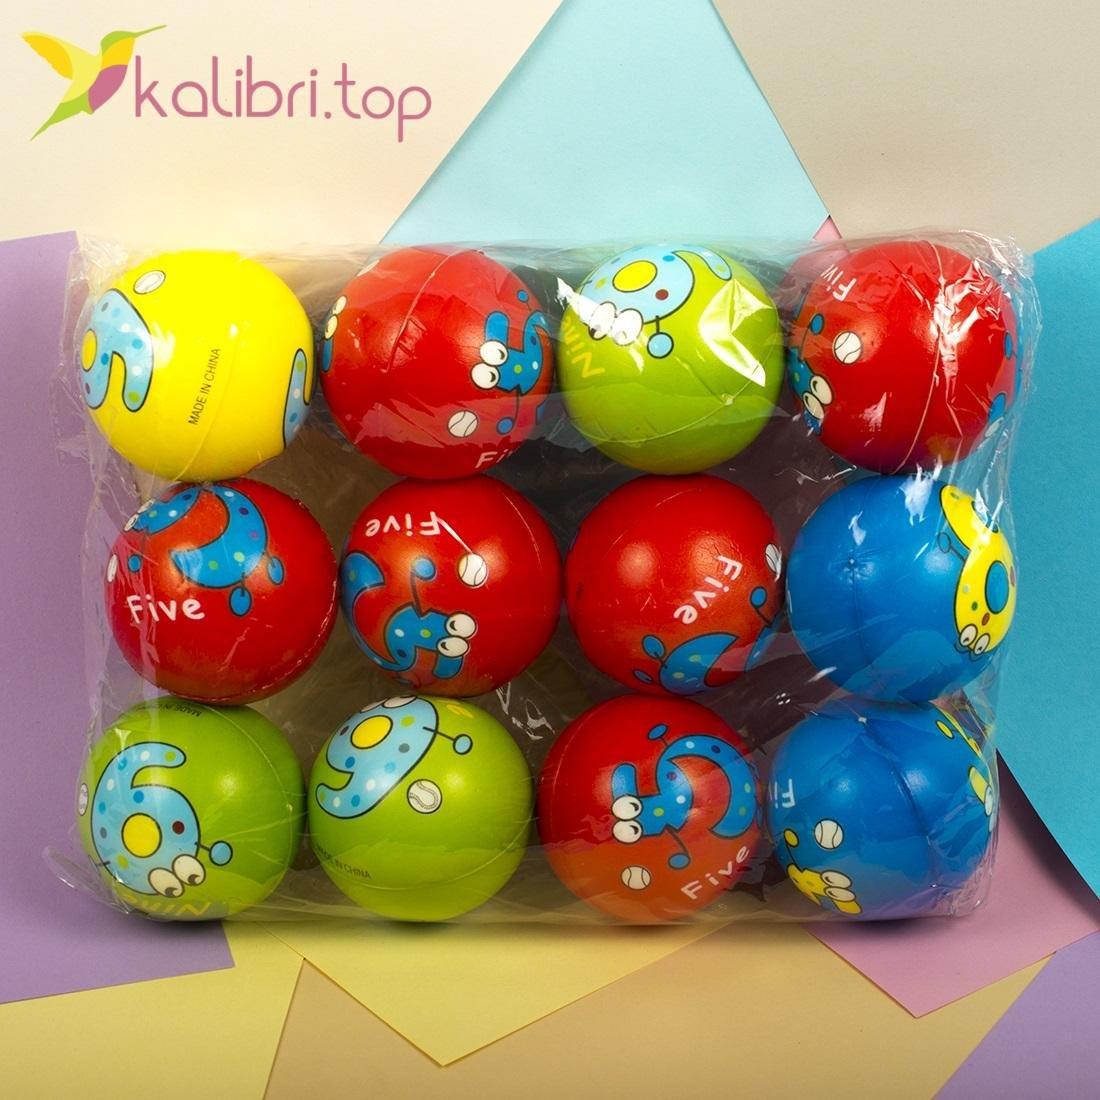 Мячи мягкие, поролоновые Цифры - Kalibri